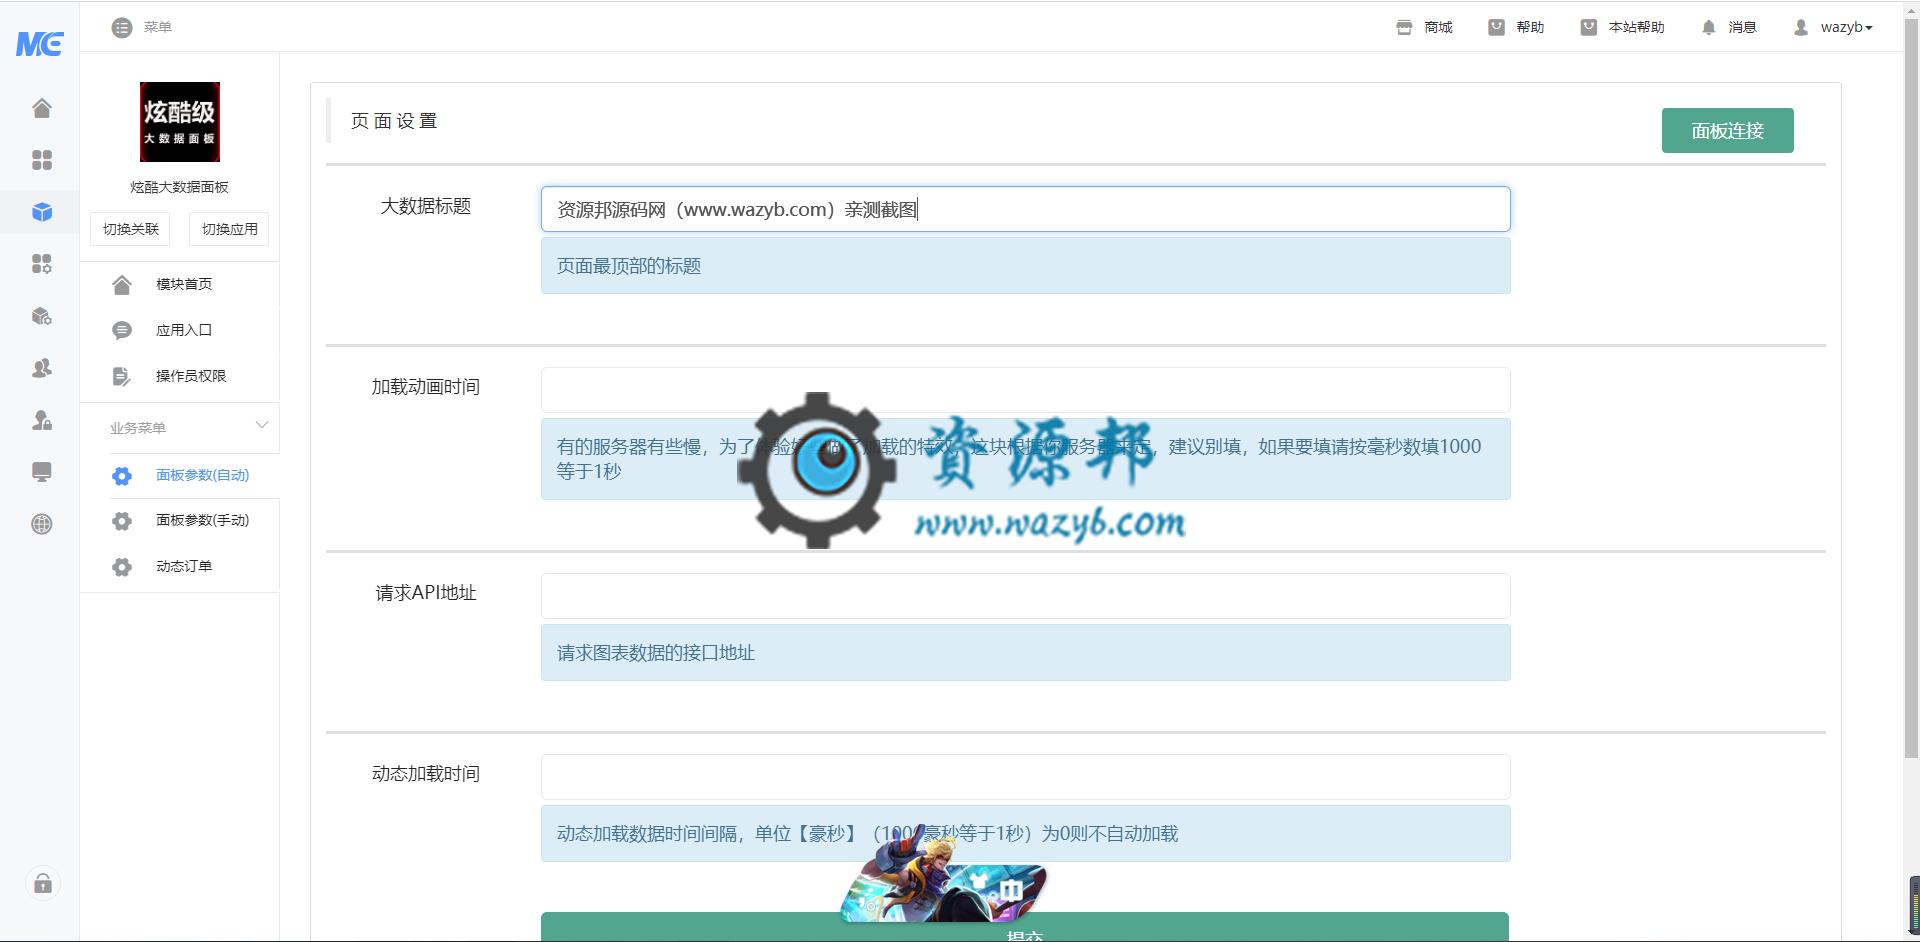 【公众号应用】炫酷大数据面板V1.0.4,微微调整了下 公众号应用 第2张